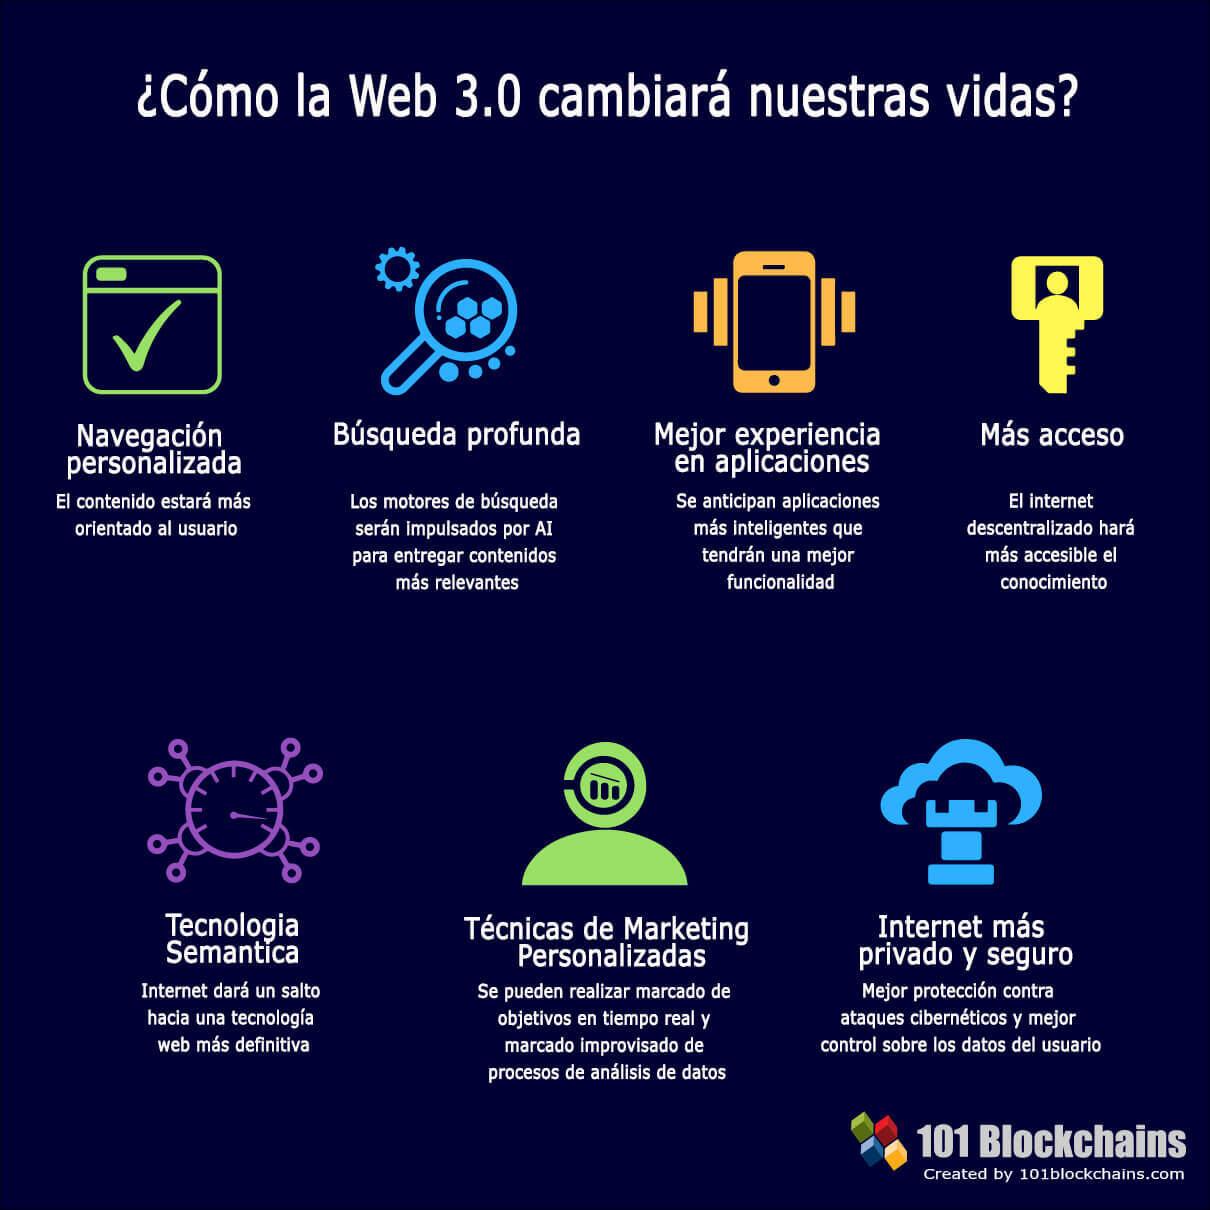 Cómo la Web 3 cambiará nuestras vidas